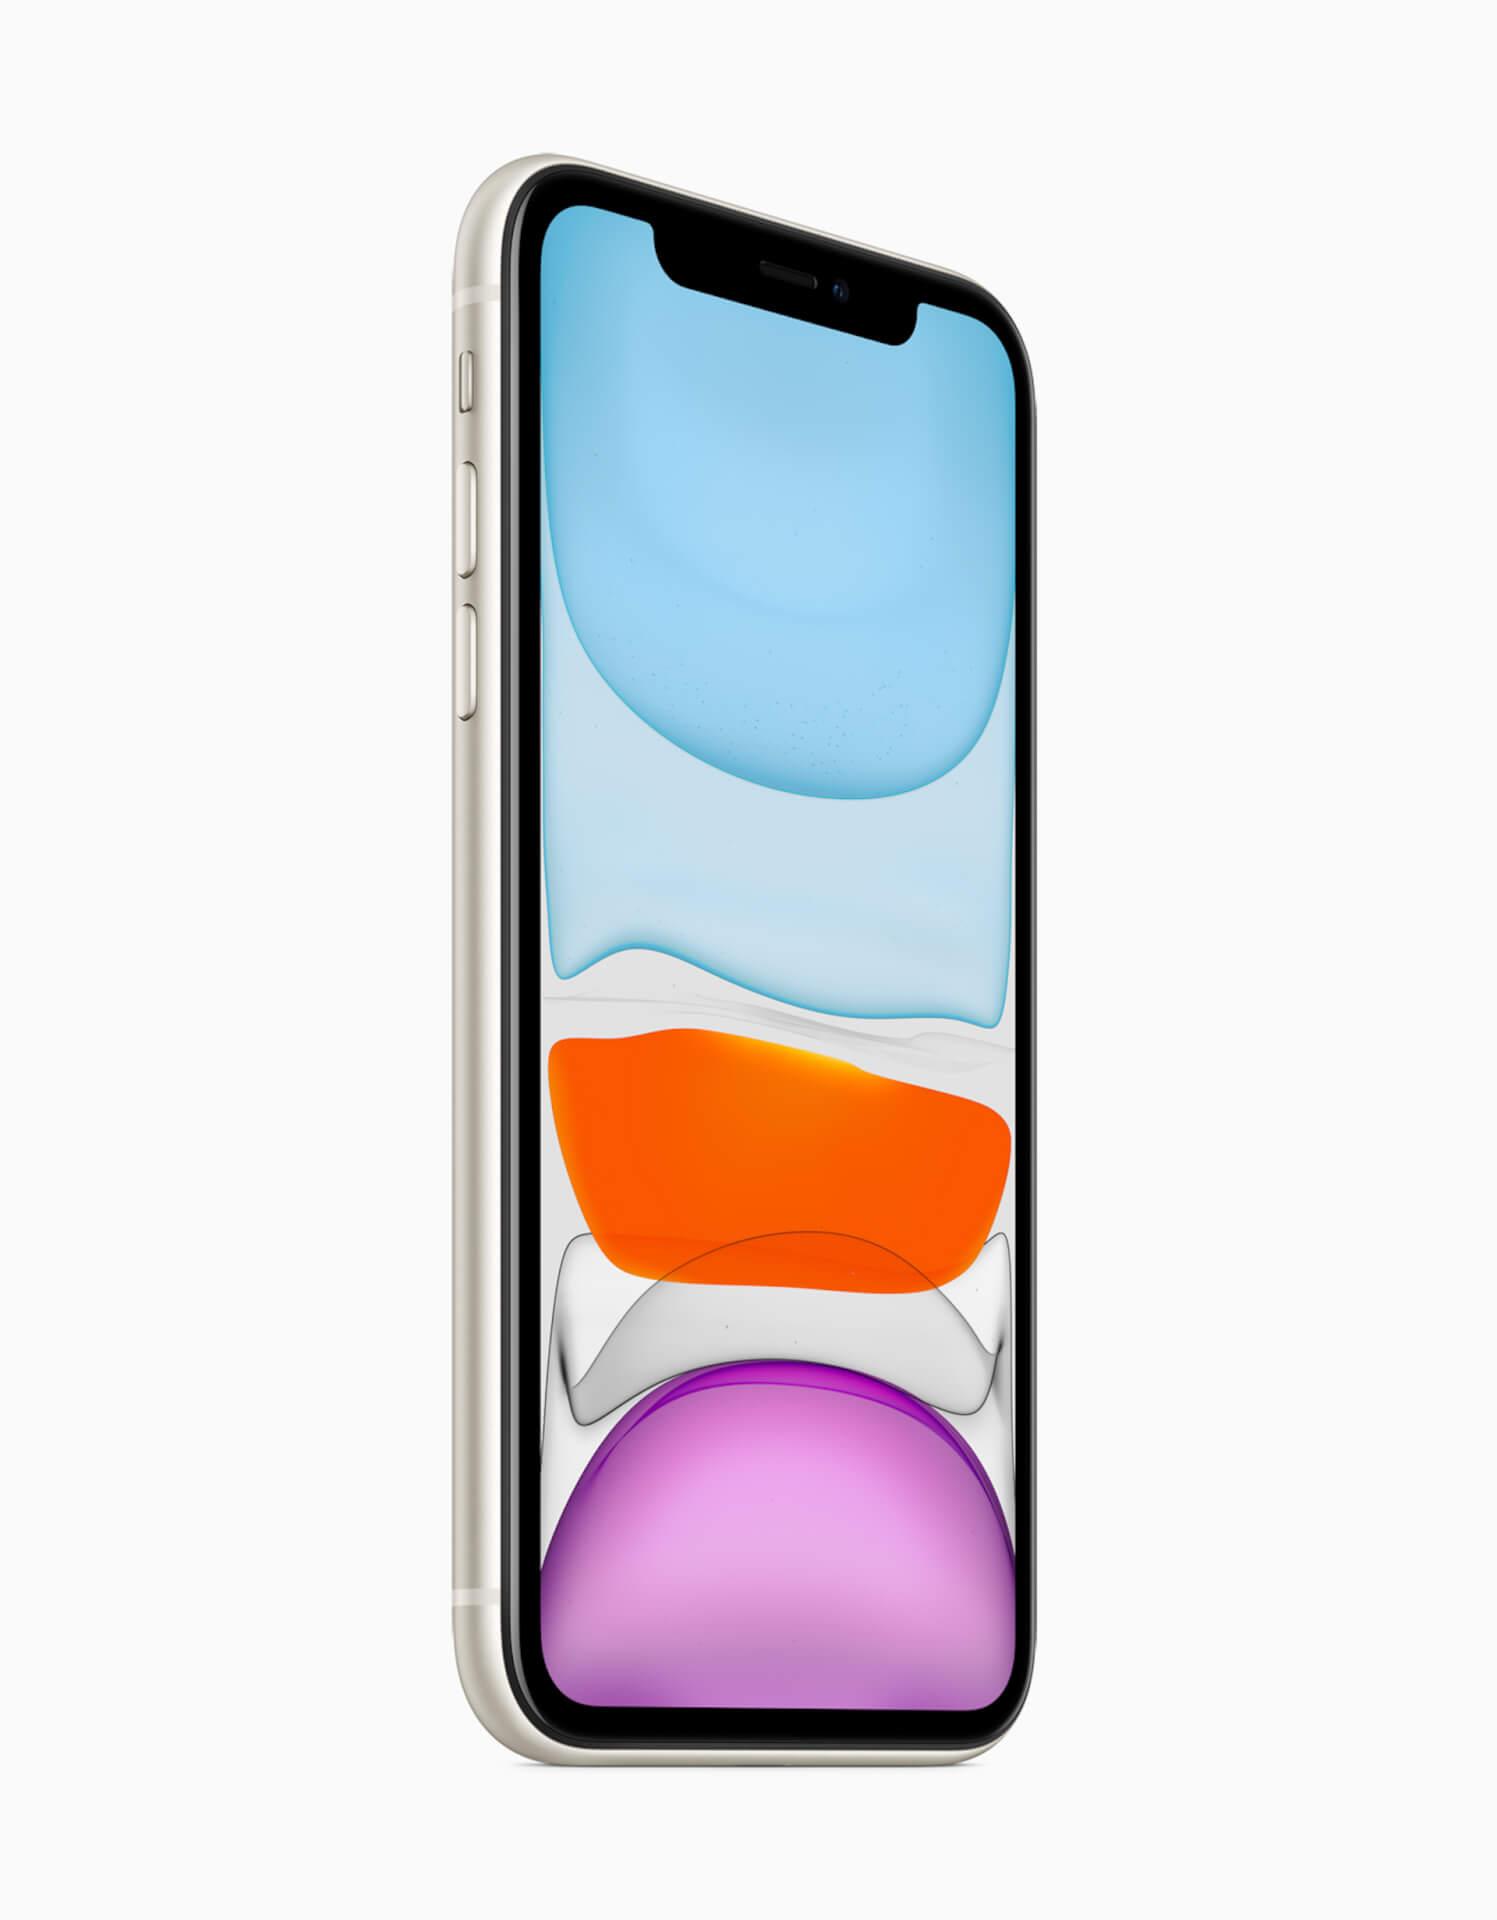 2021年に登場するiPhoneは本体側面の電源ボタンにTouch IDを搭載か? tech200130_iphone_touchid_main